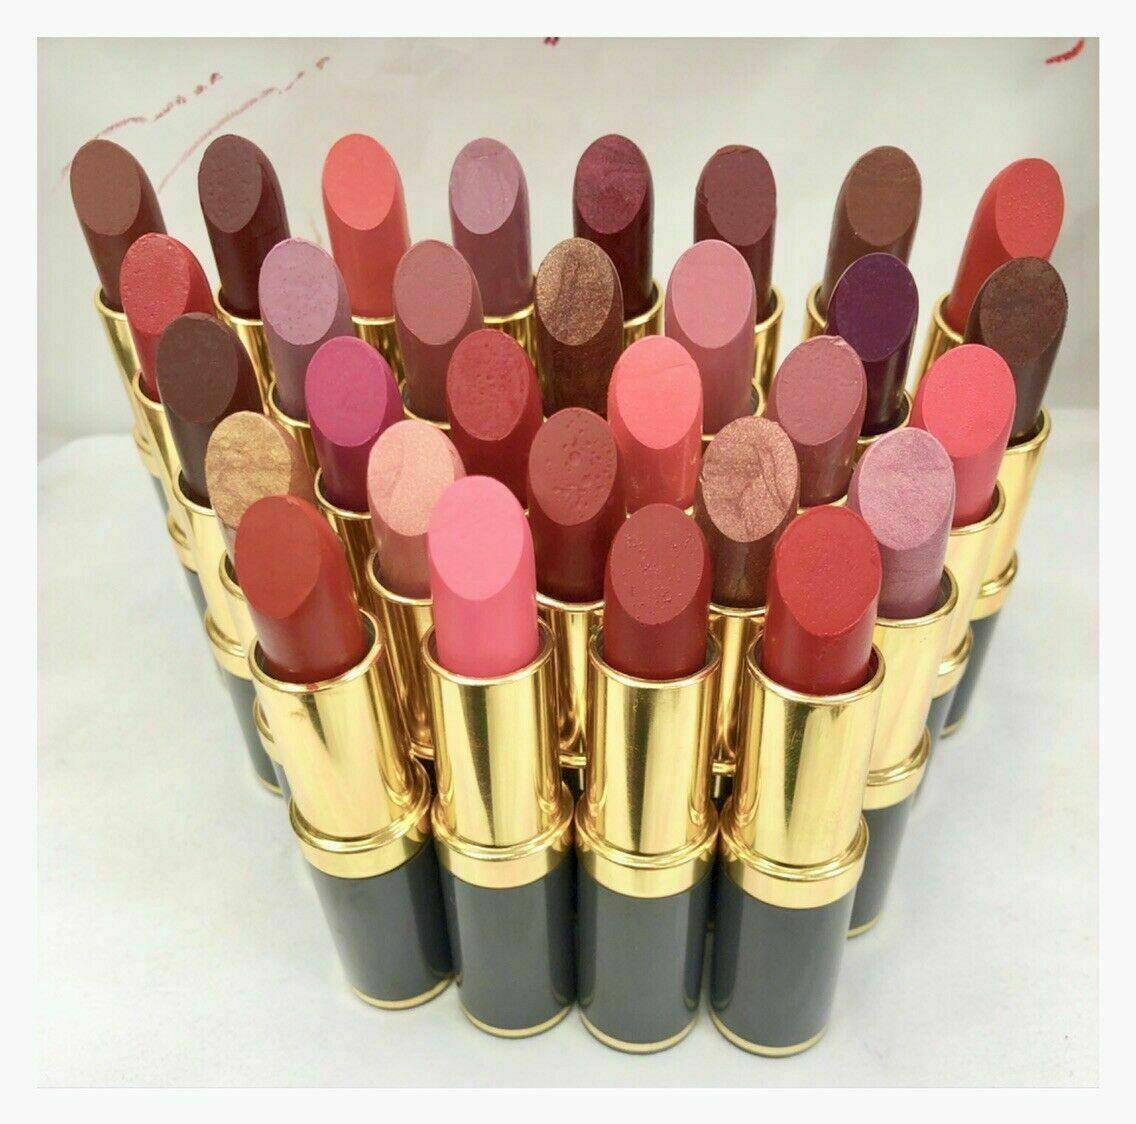 Matte Medora Lipstick Superb Quality Lipstick 226 Dark Maroon For Sale Ebay